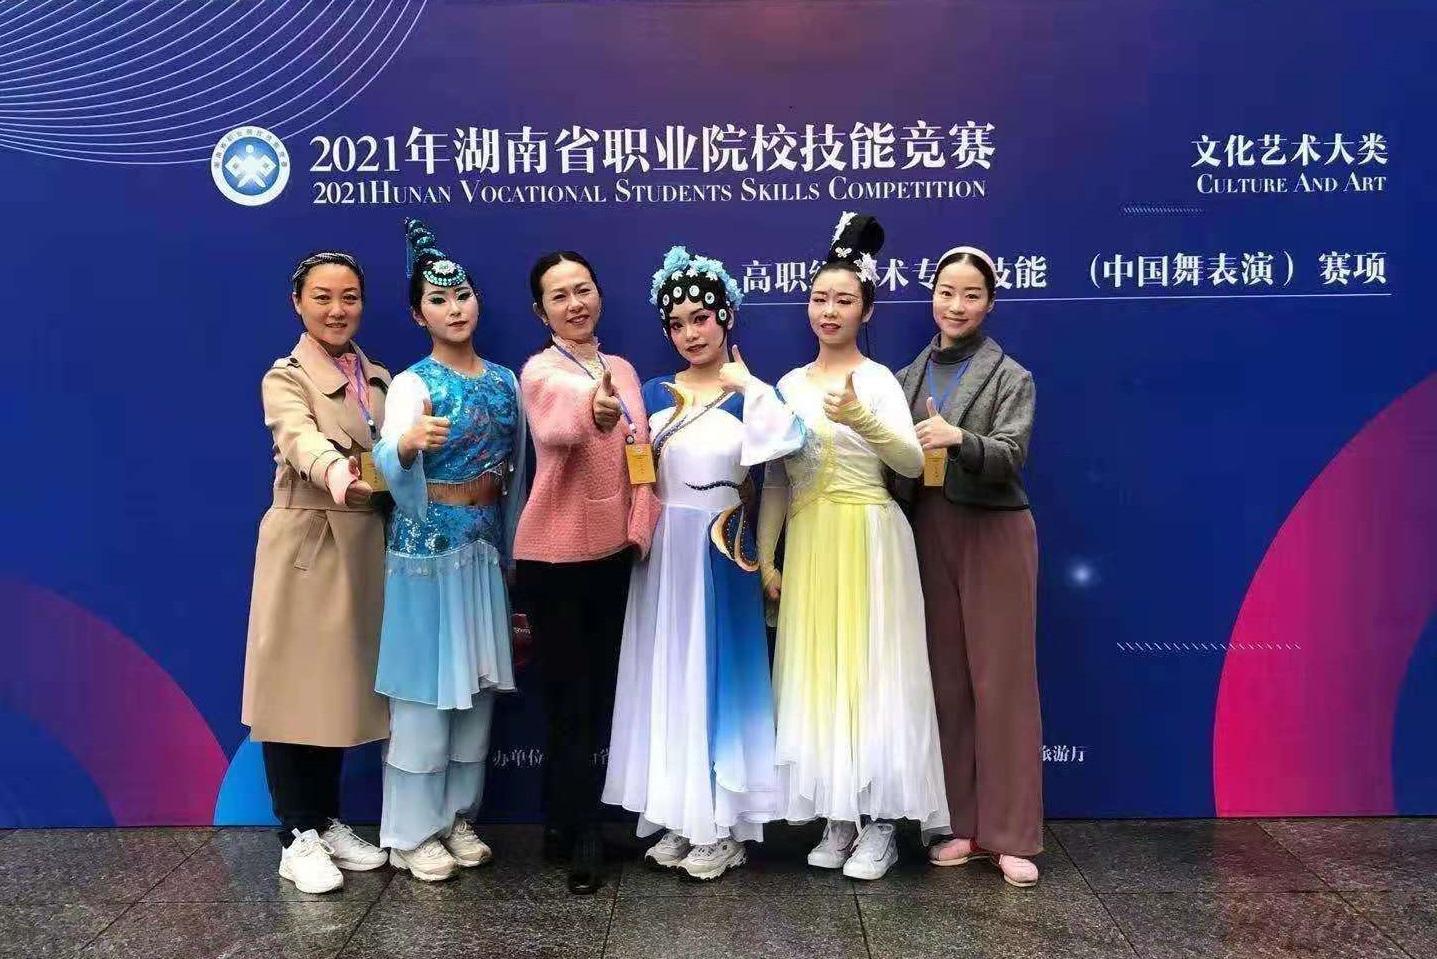 喜报!艺术学院学生在2021年度湖南省职业院校技能竞赛中再创佳绩